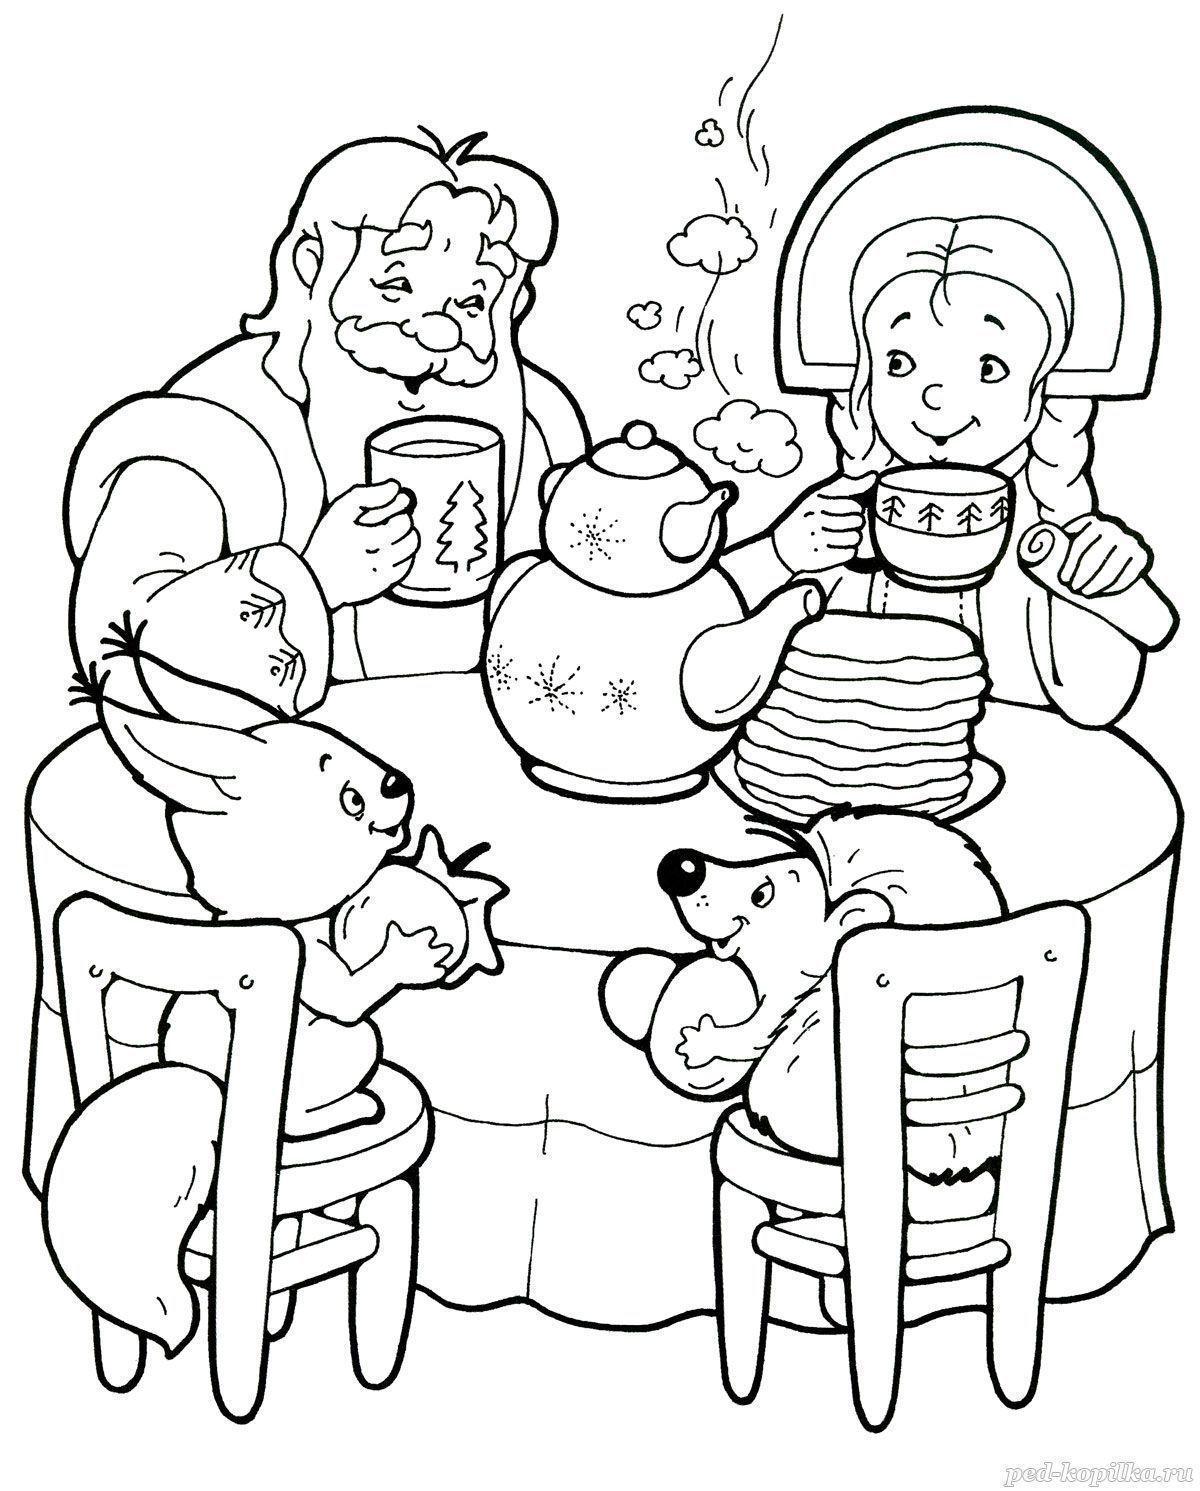 malvorlagen für weihnachten  coloring pages art comics